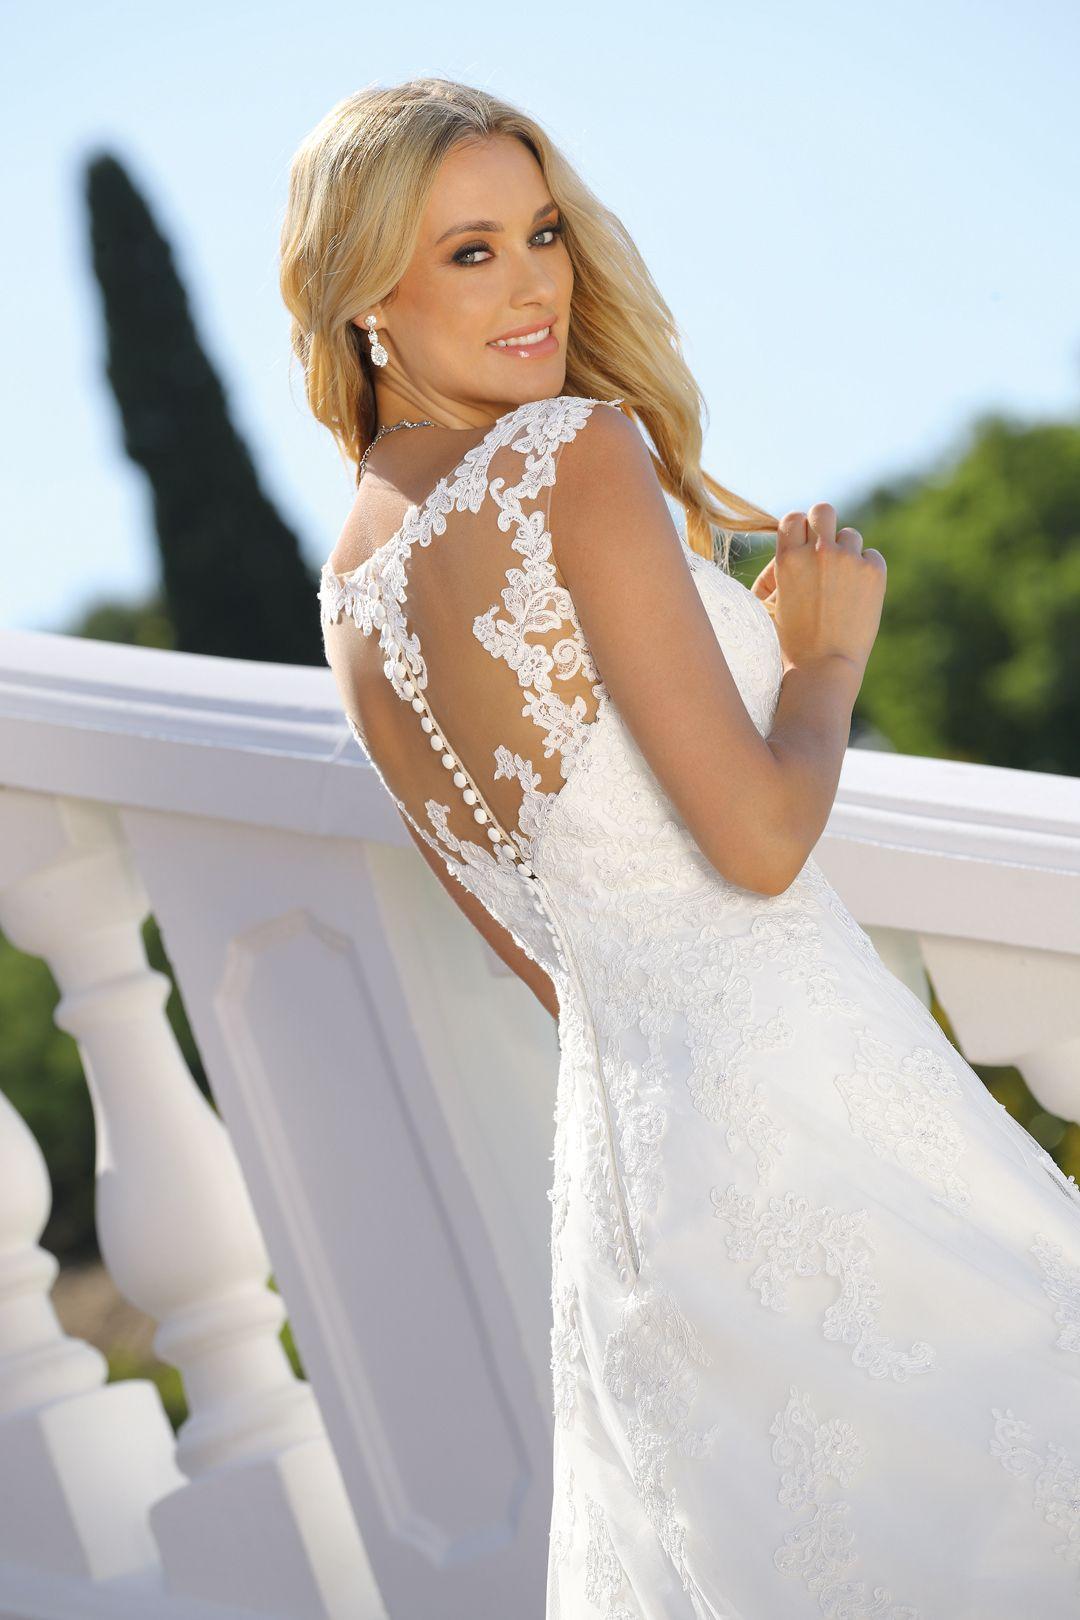 Ladybird 2019 Brautkleid 419029 4 Kleider Hochzeit Braut Brautkleid